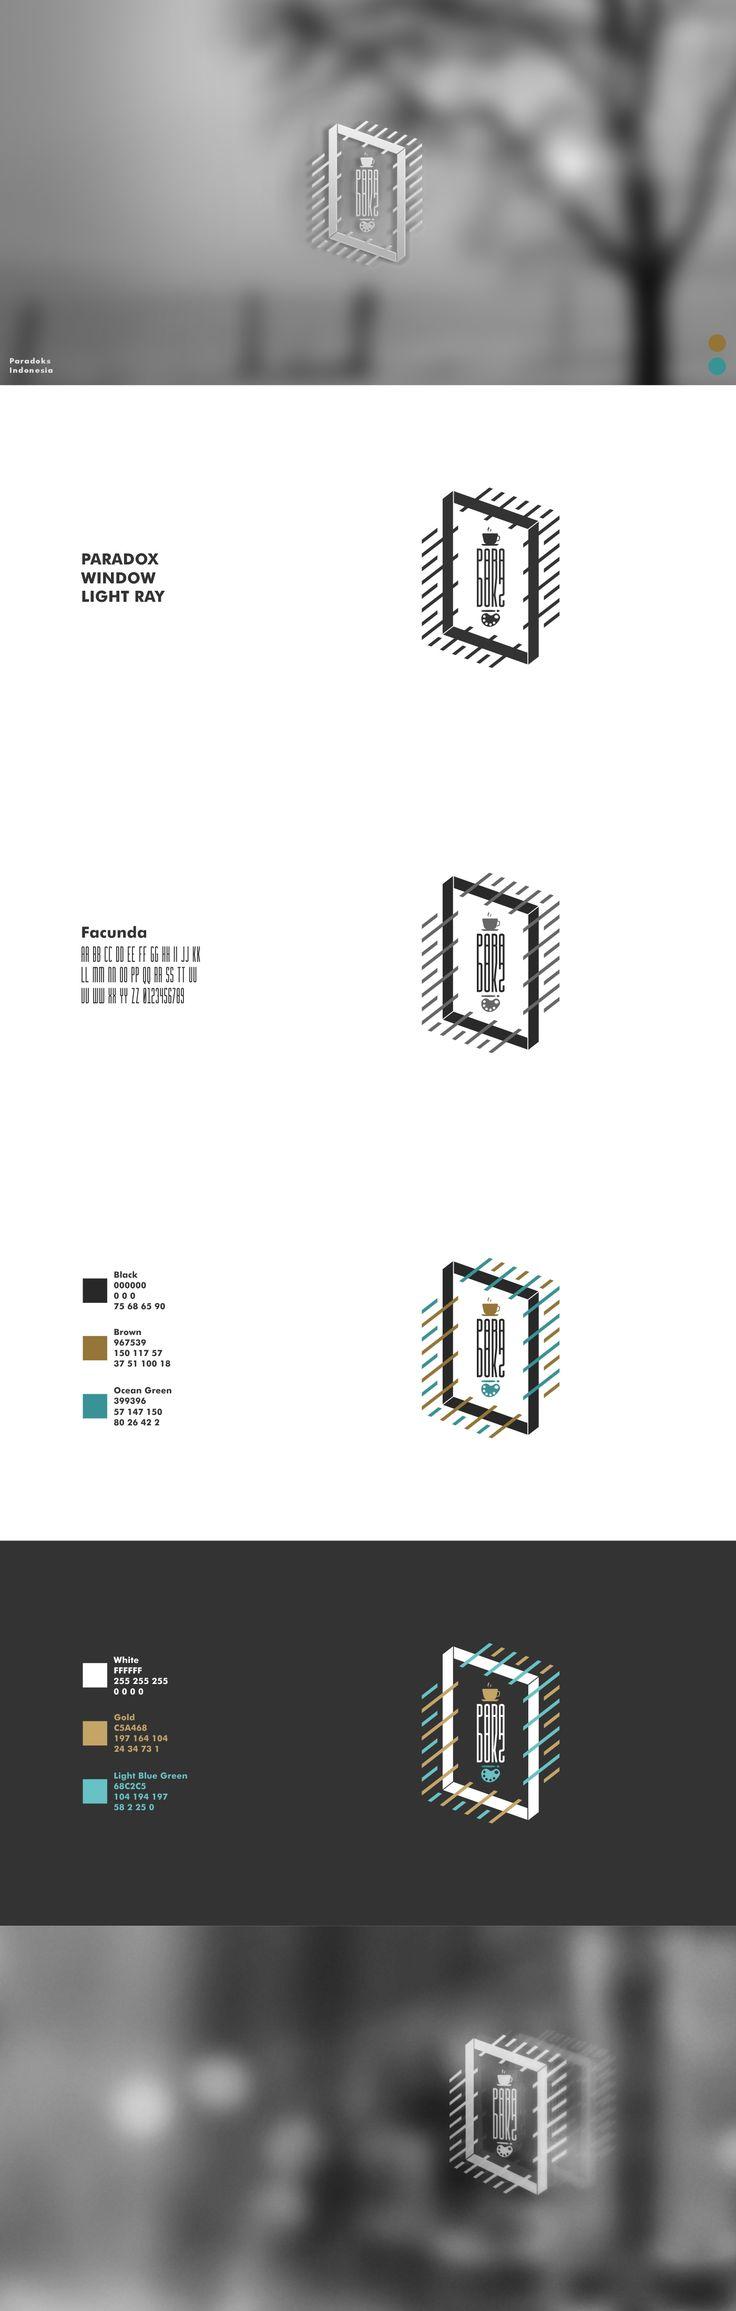 Paradoks - Visual Identity #visual #identity #visualidentity #logo #graphic #design #graphicdesign #digitalart #presentation #portfolio